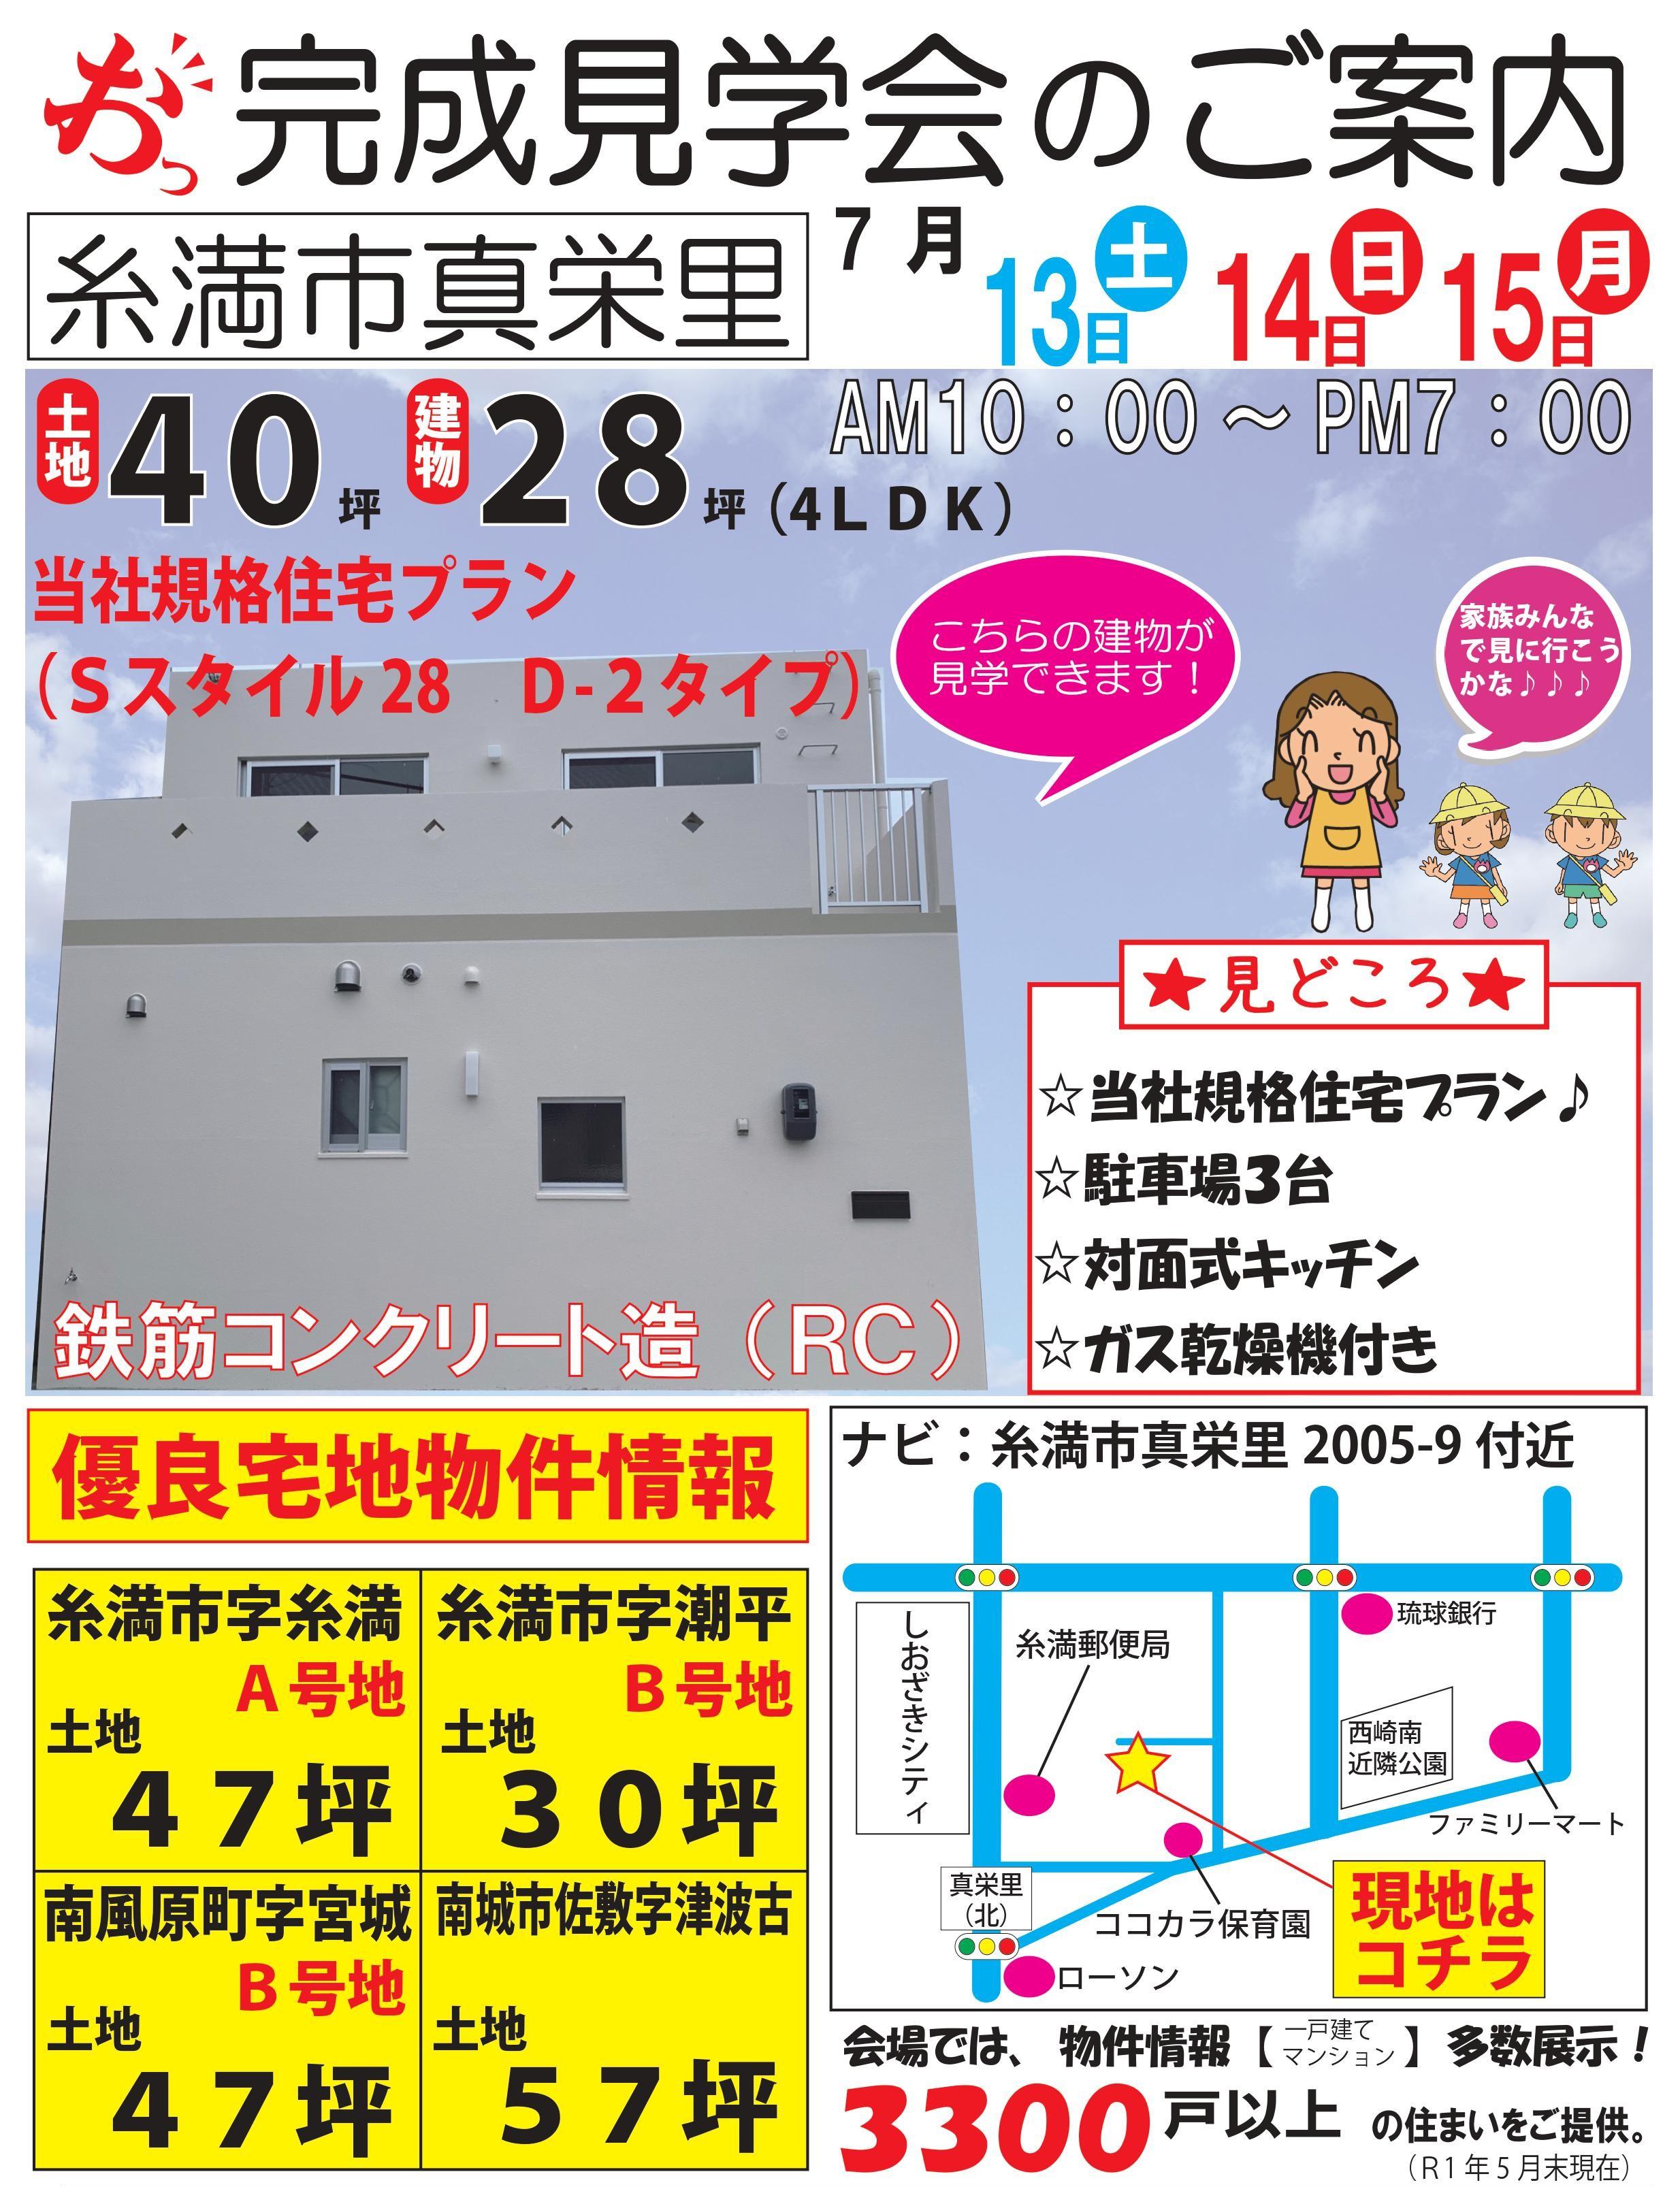 糸満市真栄里にて【Sスタイル28】オープンハウス&無料住宅相談会を開催!